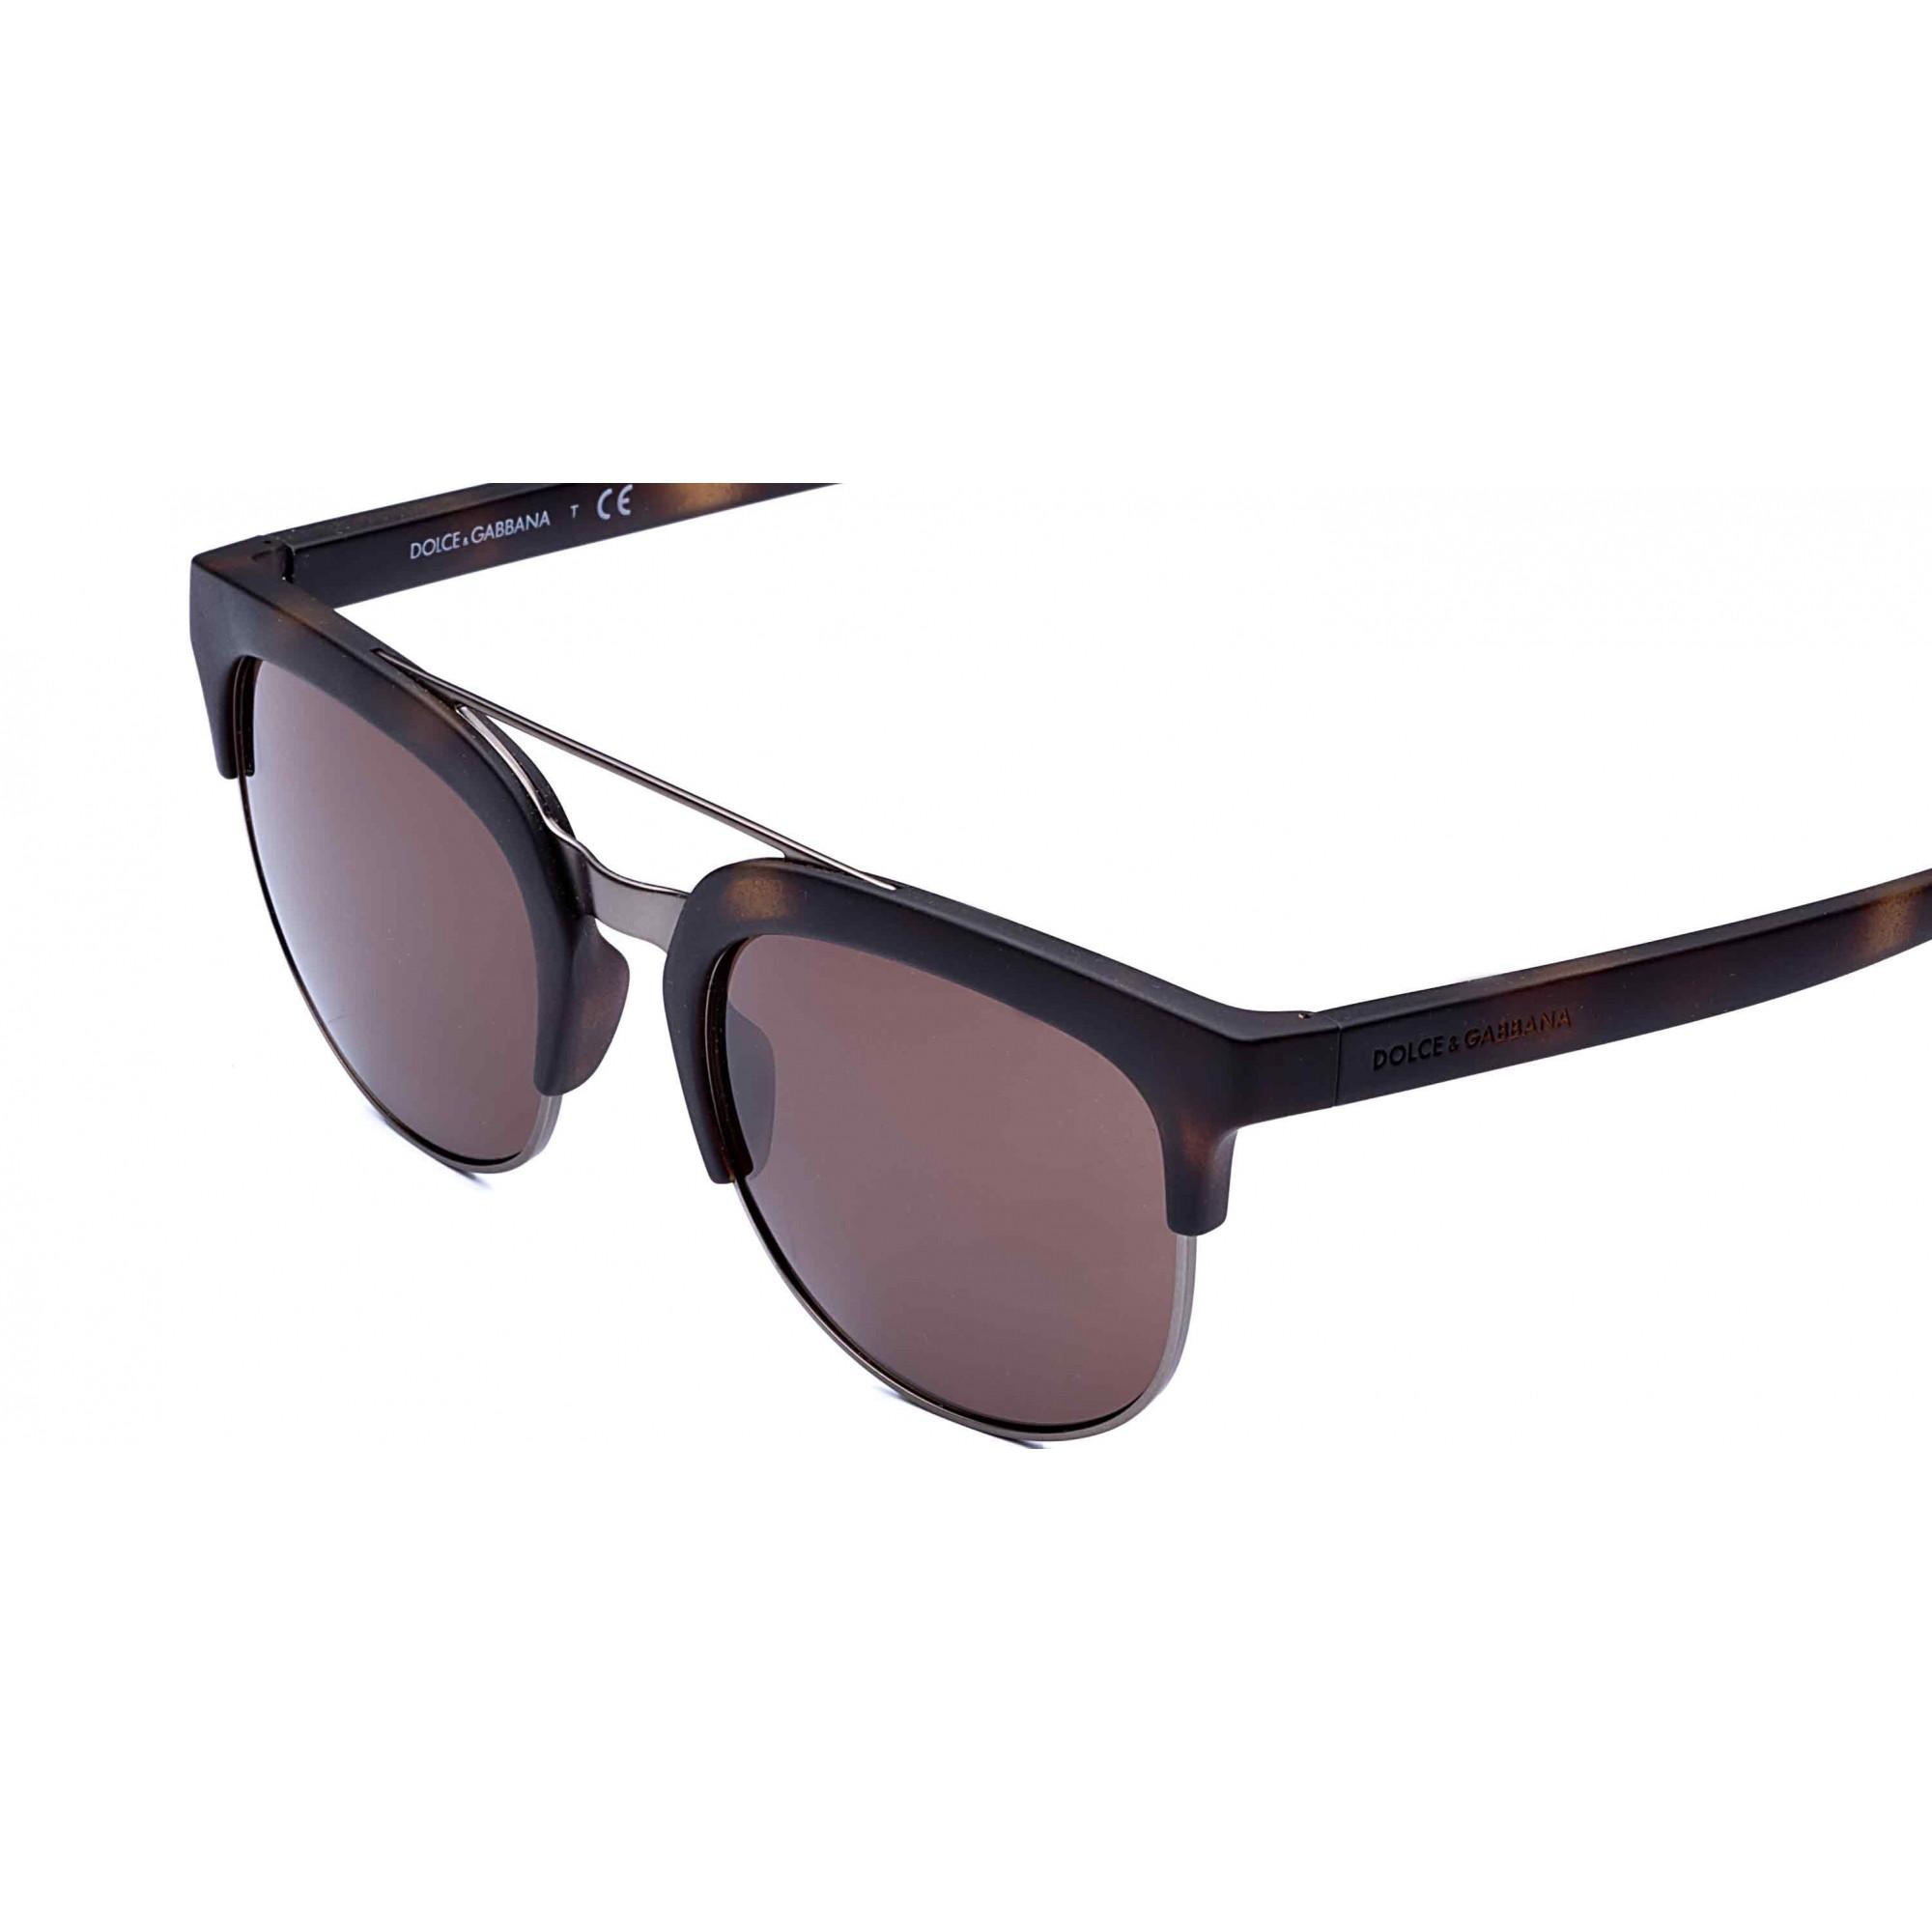 Óculos de Sol DG6103 Dolce & Gabbana - Original